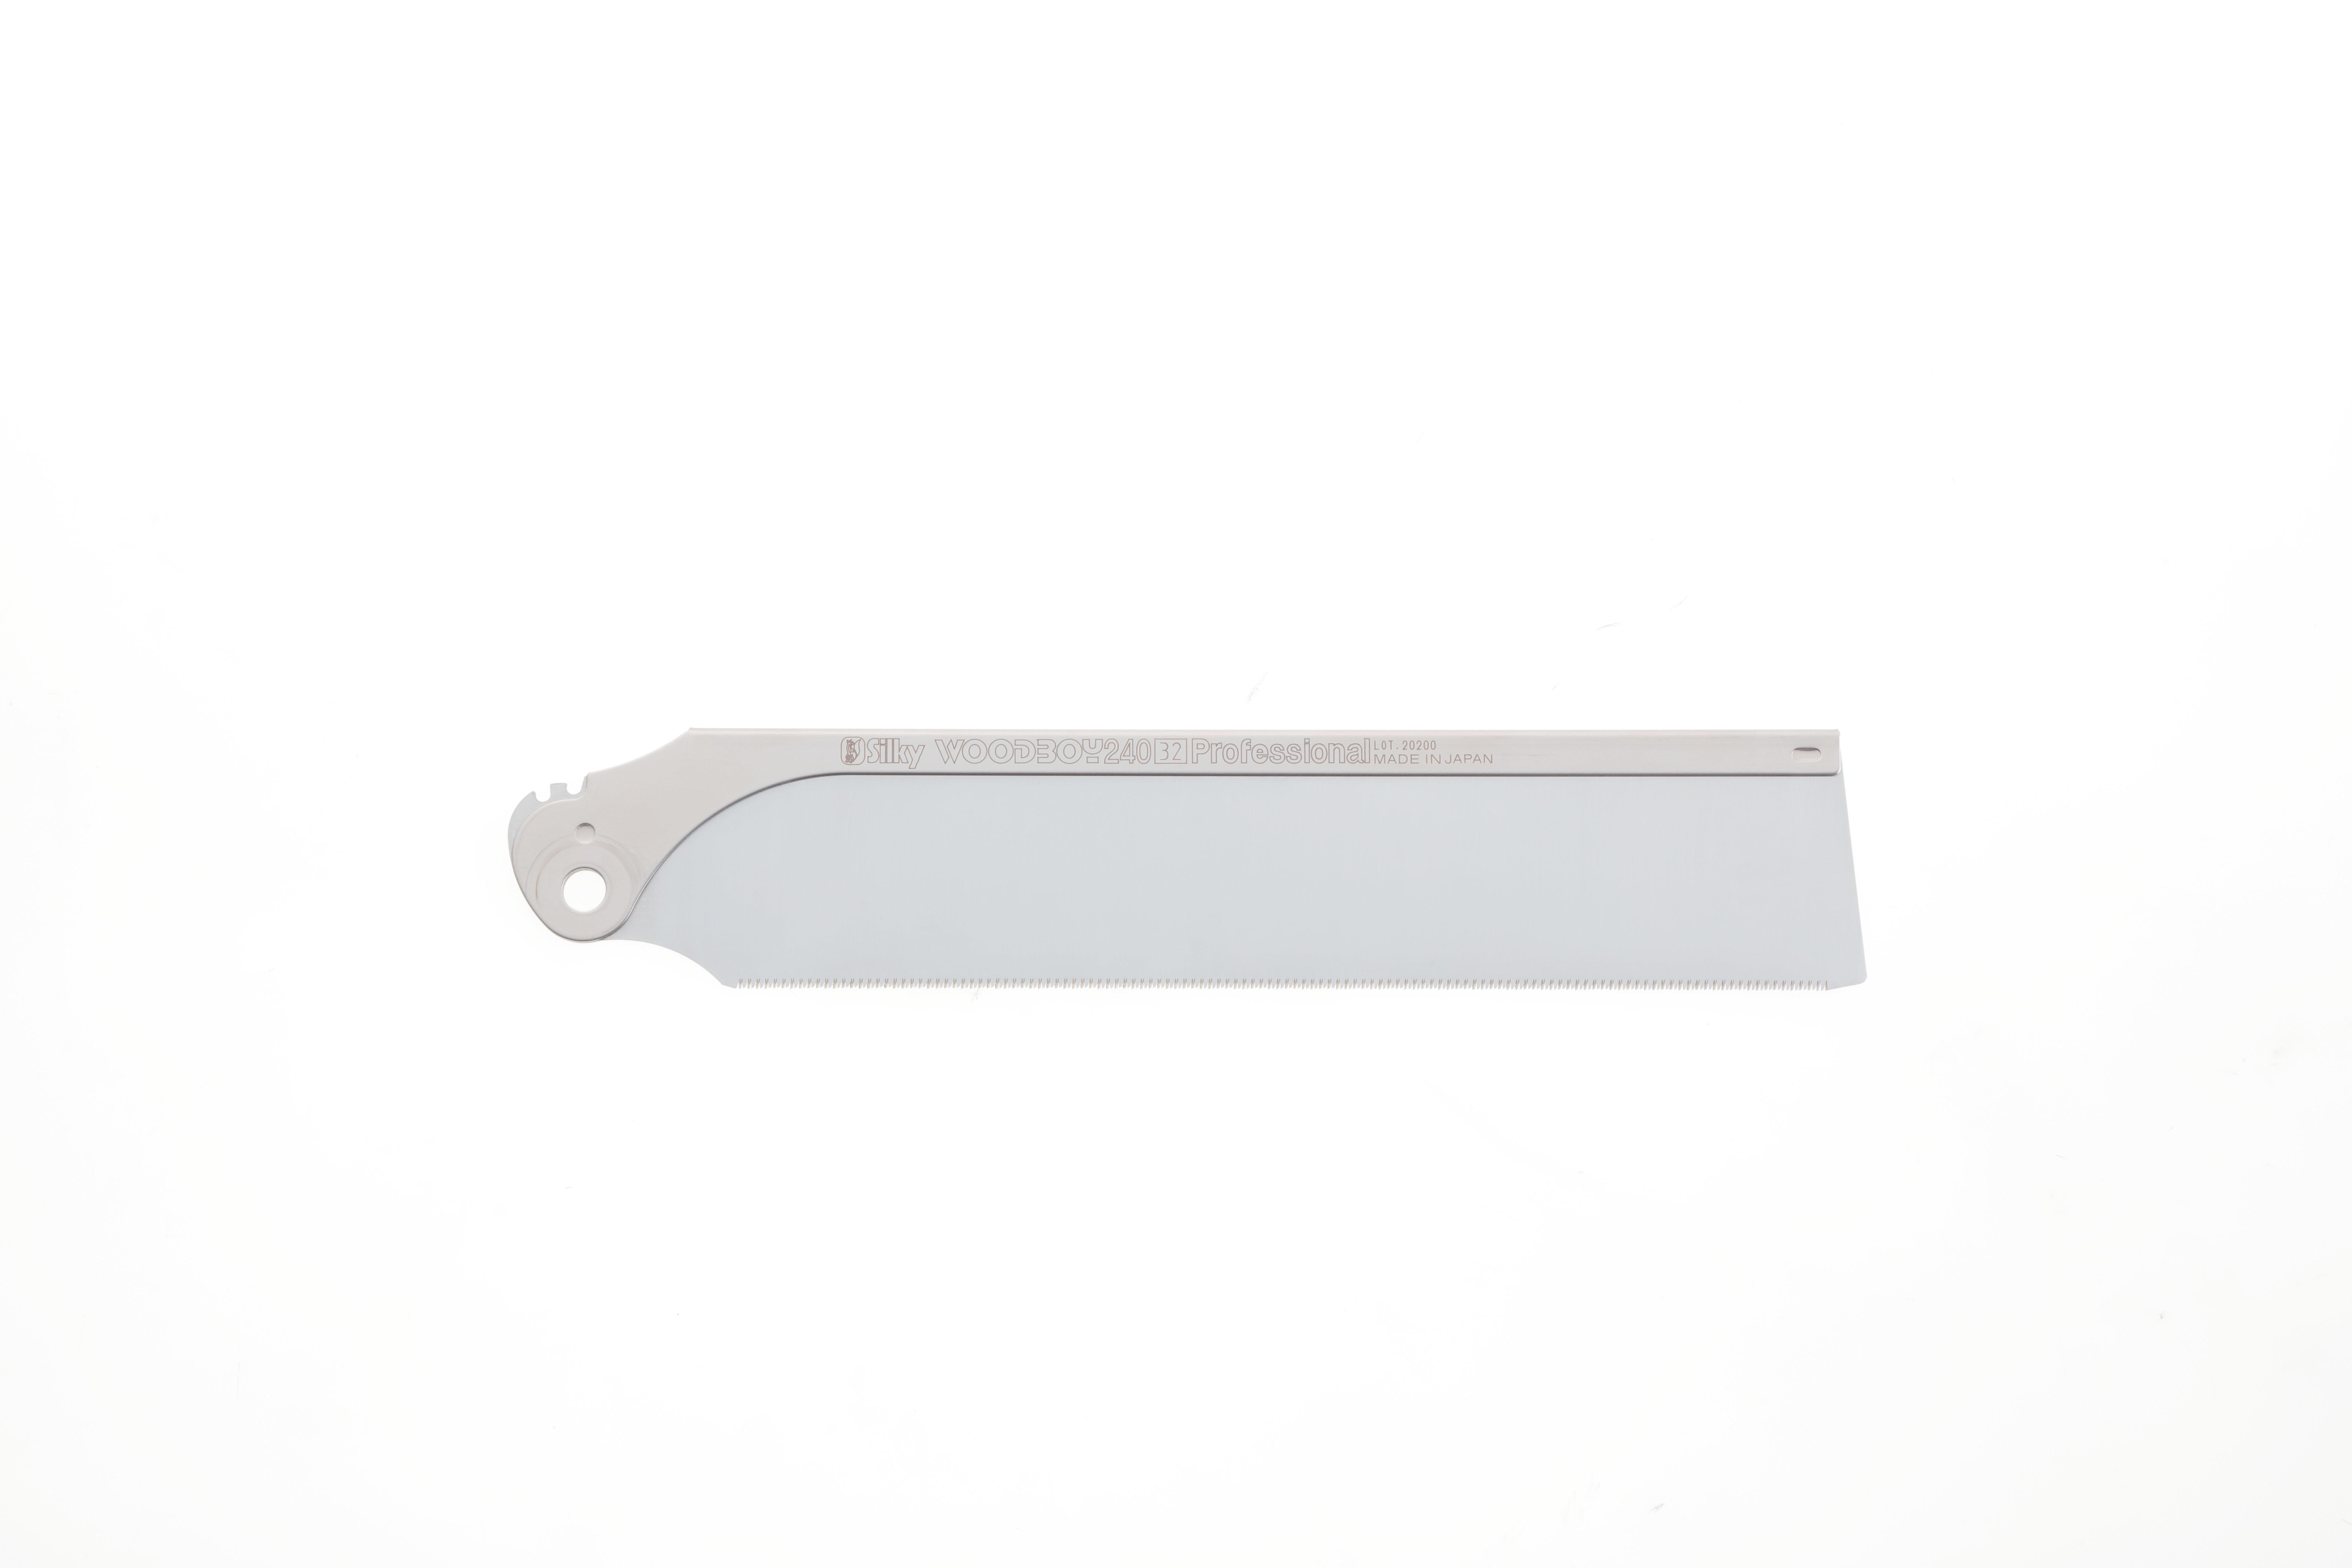 WOODBOY DOZUKI 240 (X-Fine Teeth) Extra blade SI-385-24